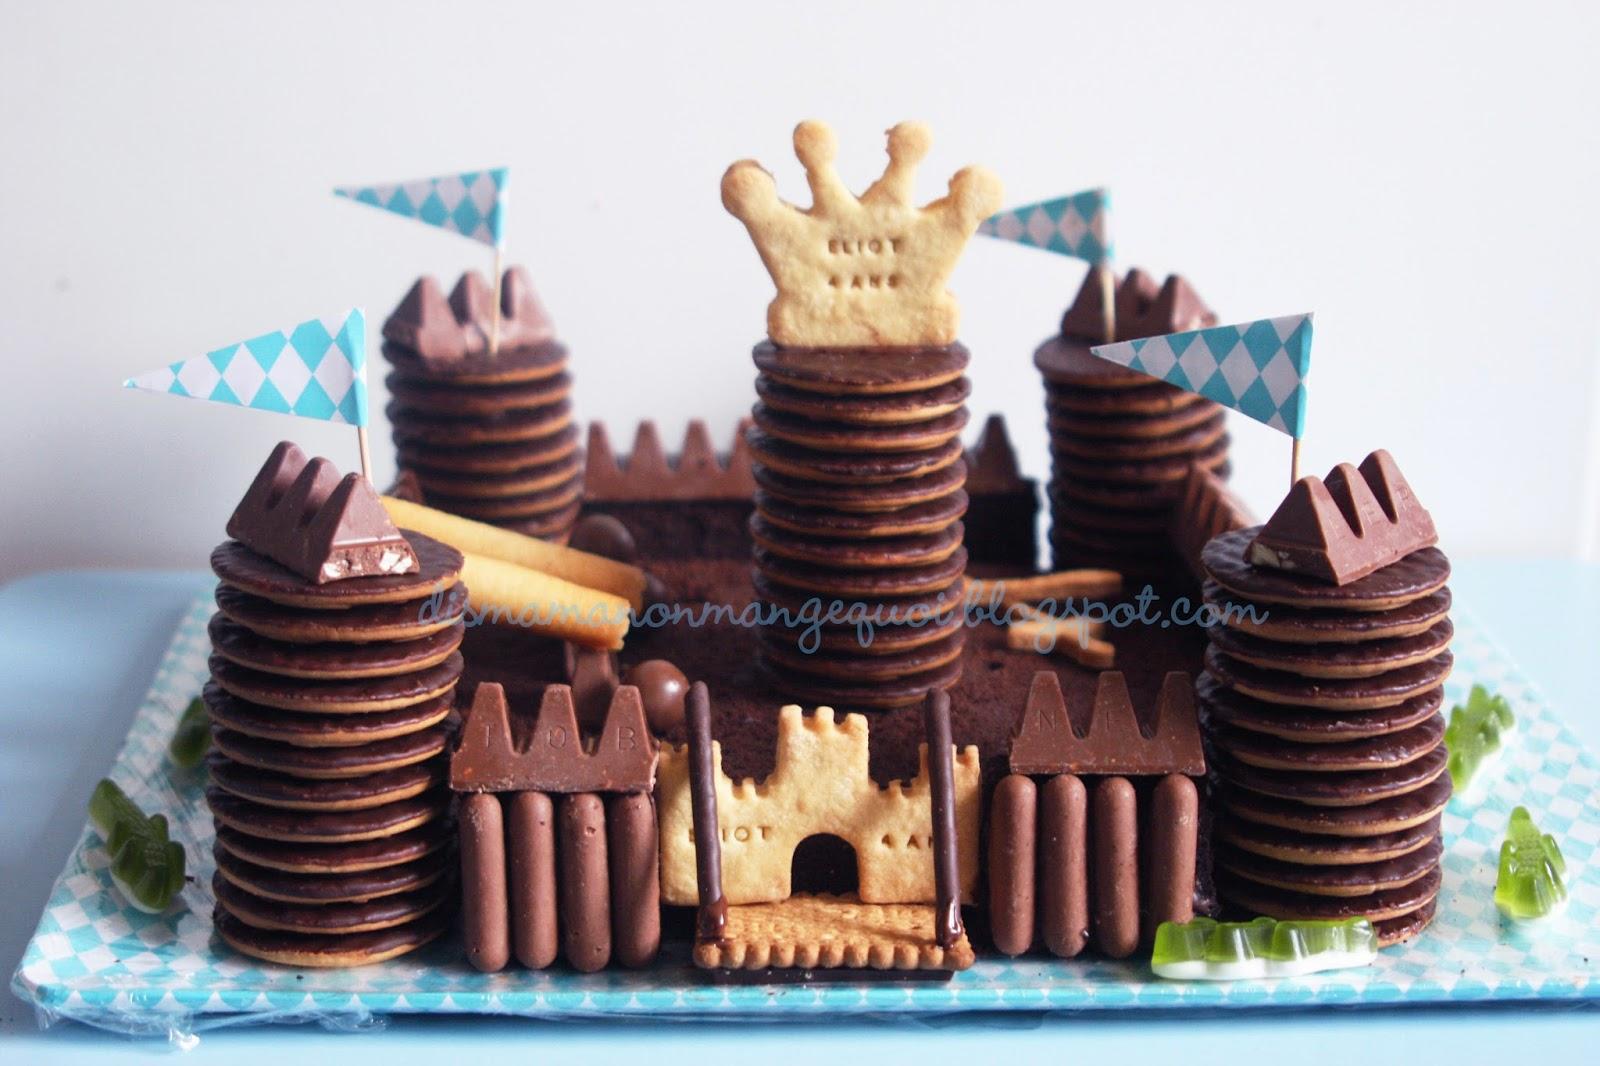 http://dismamanonmangequoi.blogspot.fr/2013/03/un-anniversaire-de-super-chevalier.html